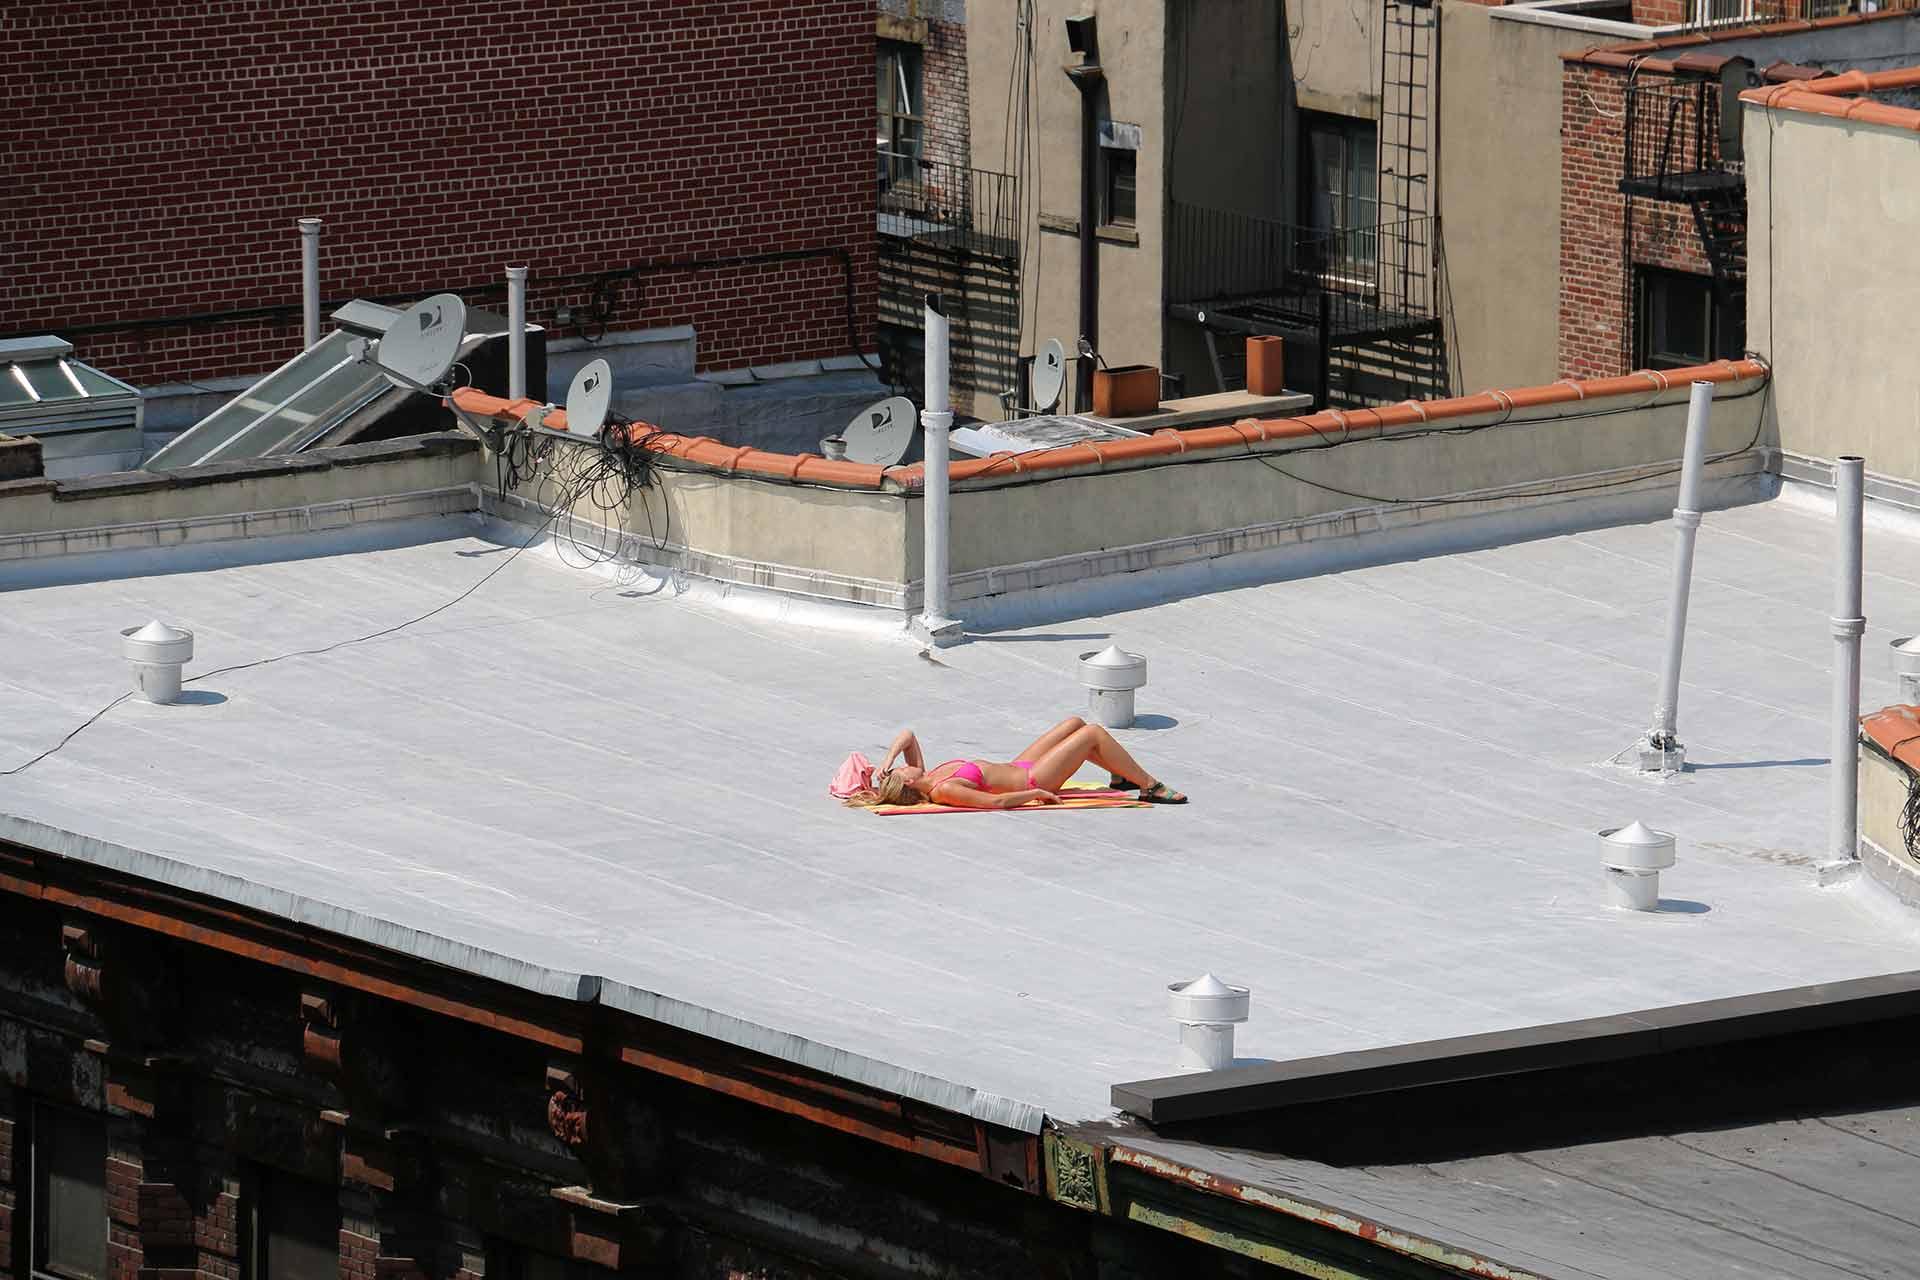 Jeffrey-Wiener_Girl-on-a-Roof